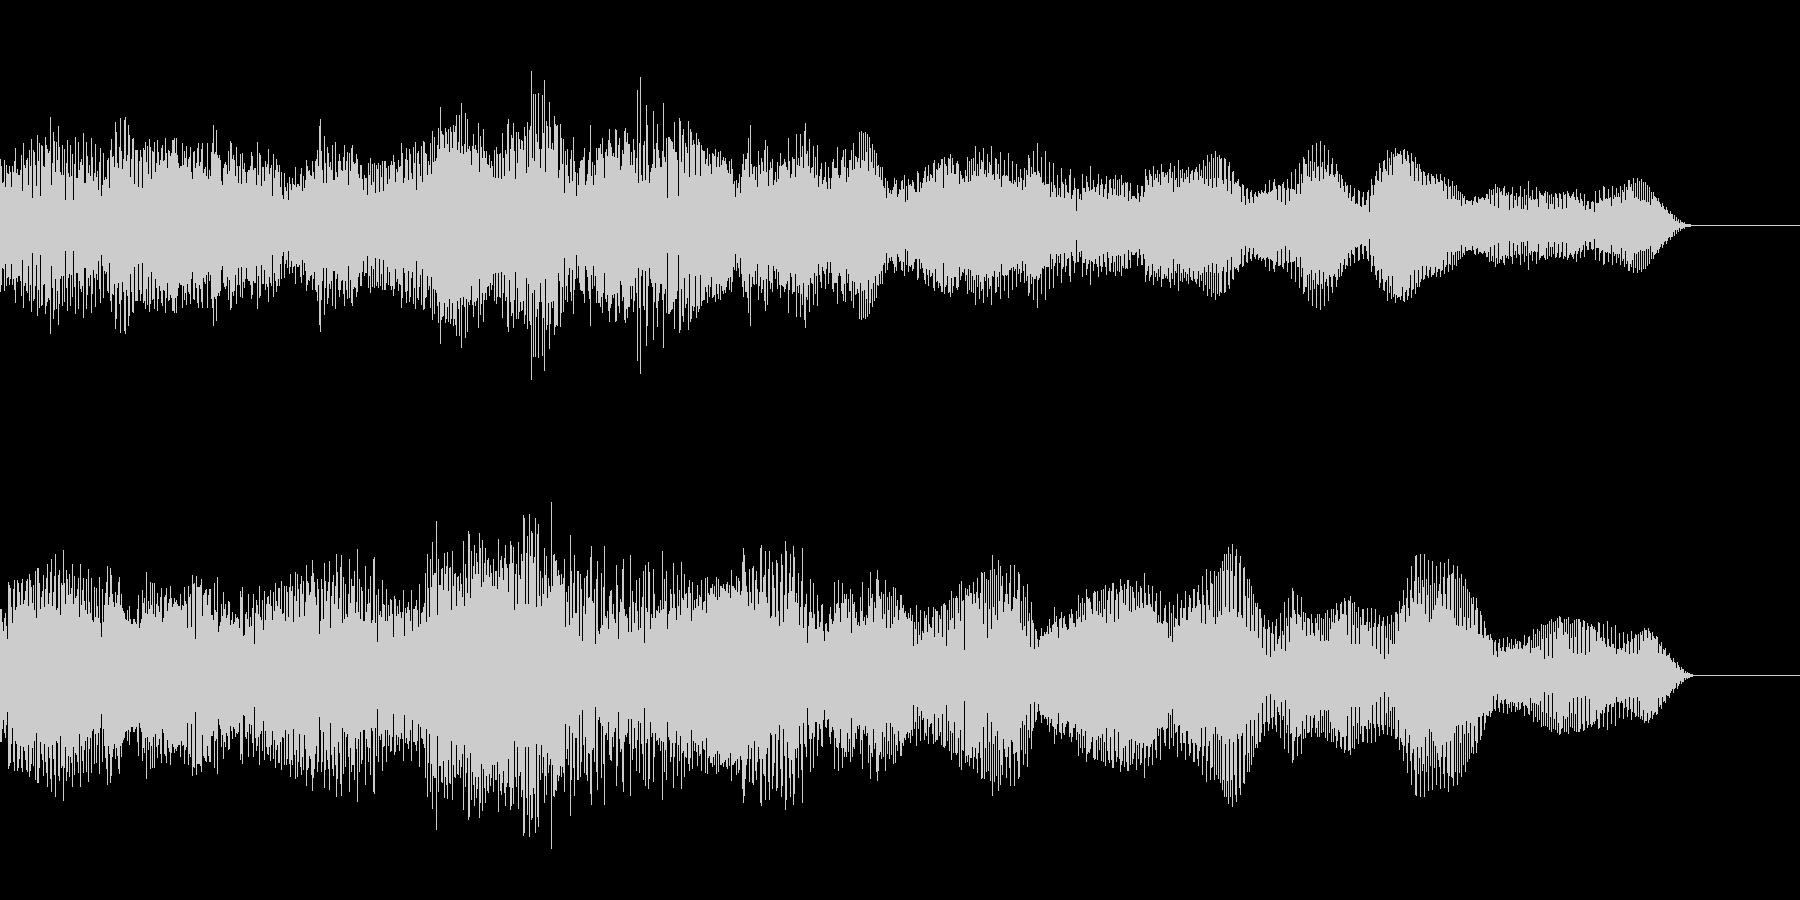 電子音の未再生の波形